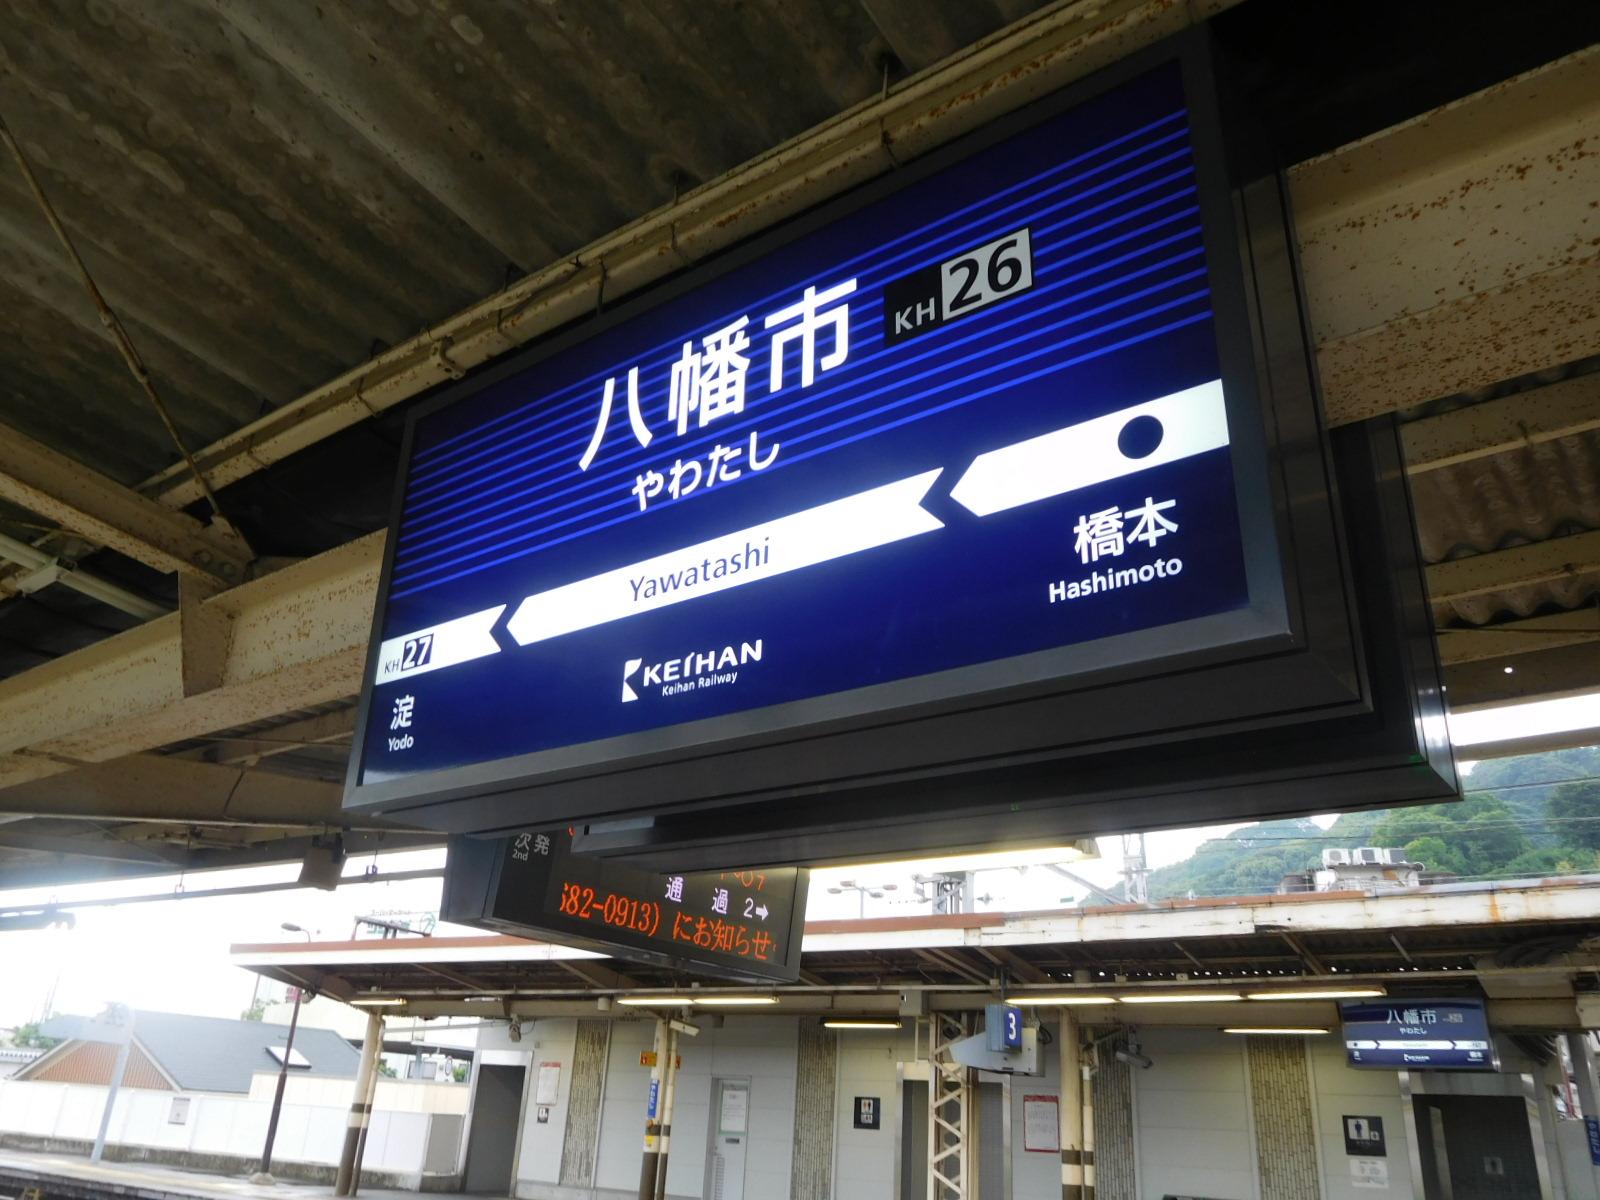 DSCN3385.jpg